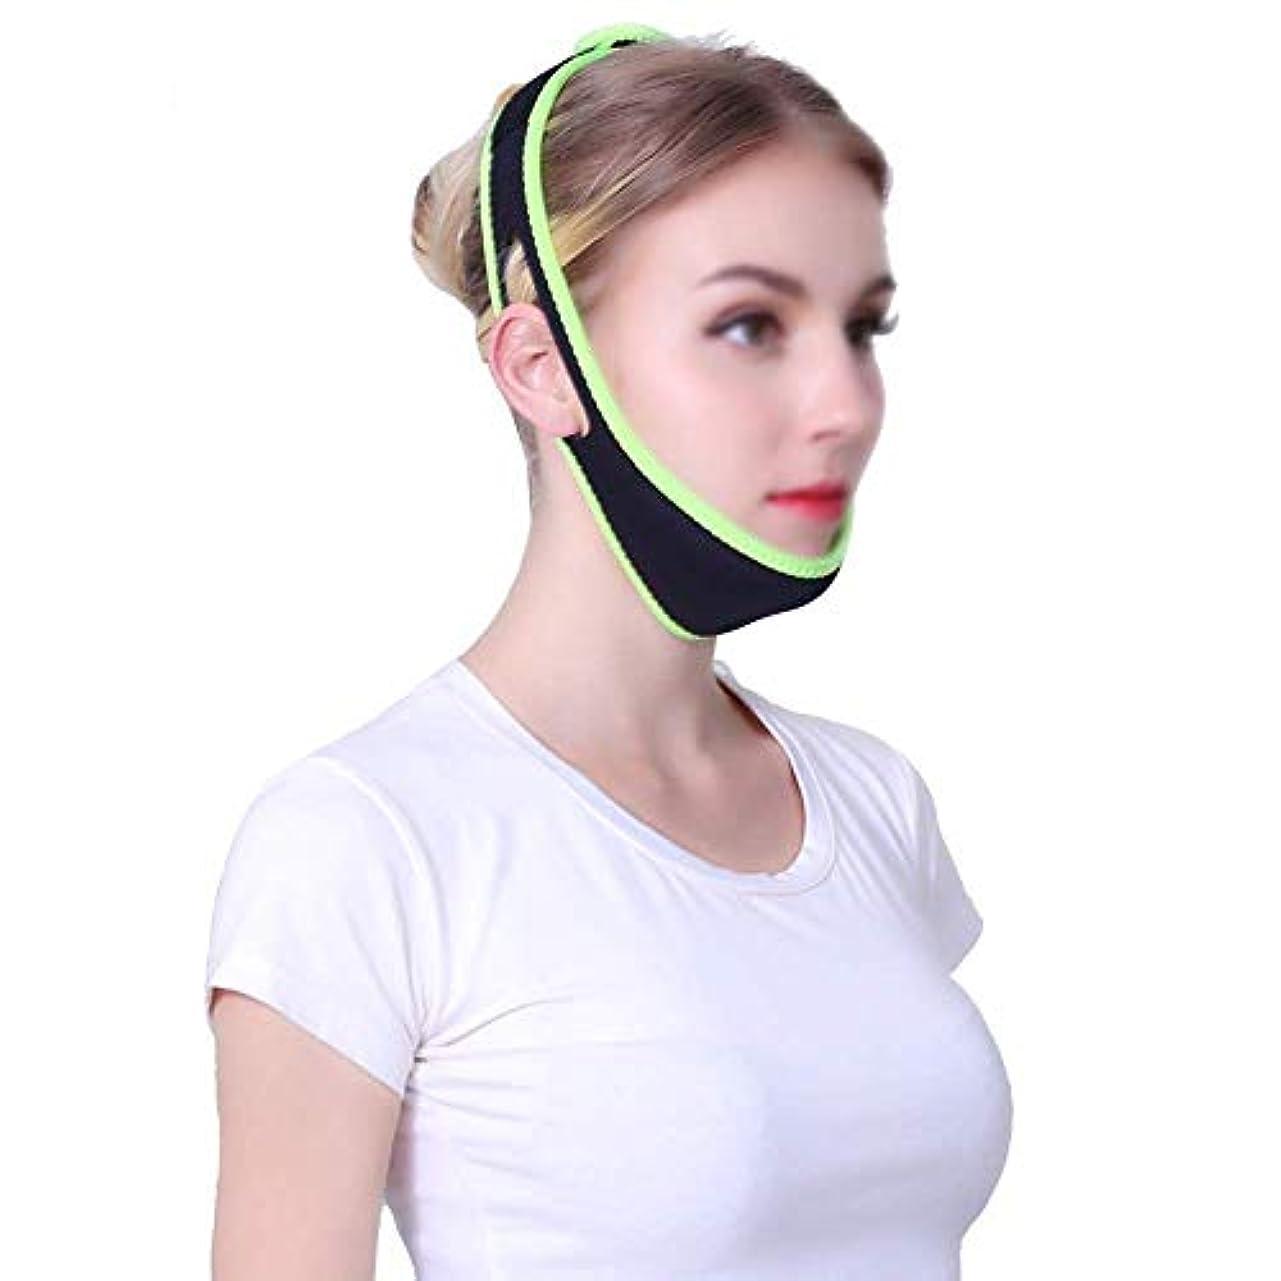 つまらない資金前述の引き締めフェイスマスク、小さなVフェイスアーティファクト睡眠リフティングマスク付き薄型フェイスバンデージマスク引き締めクリームフェイスリフトフェイスメロンフェイス楽器